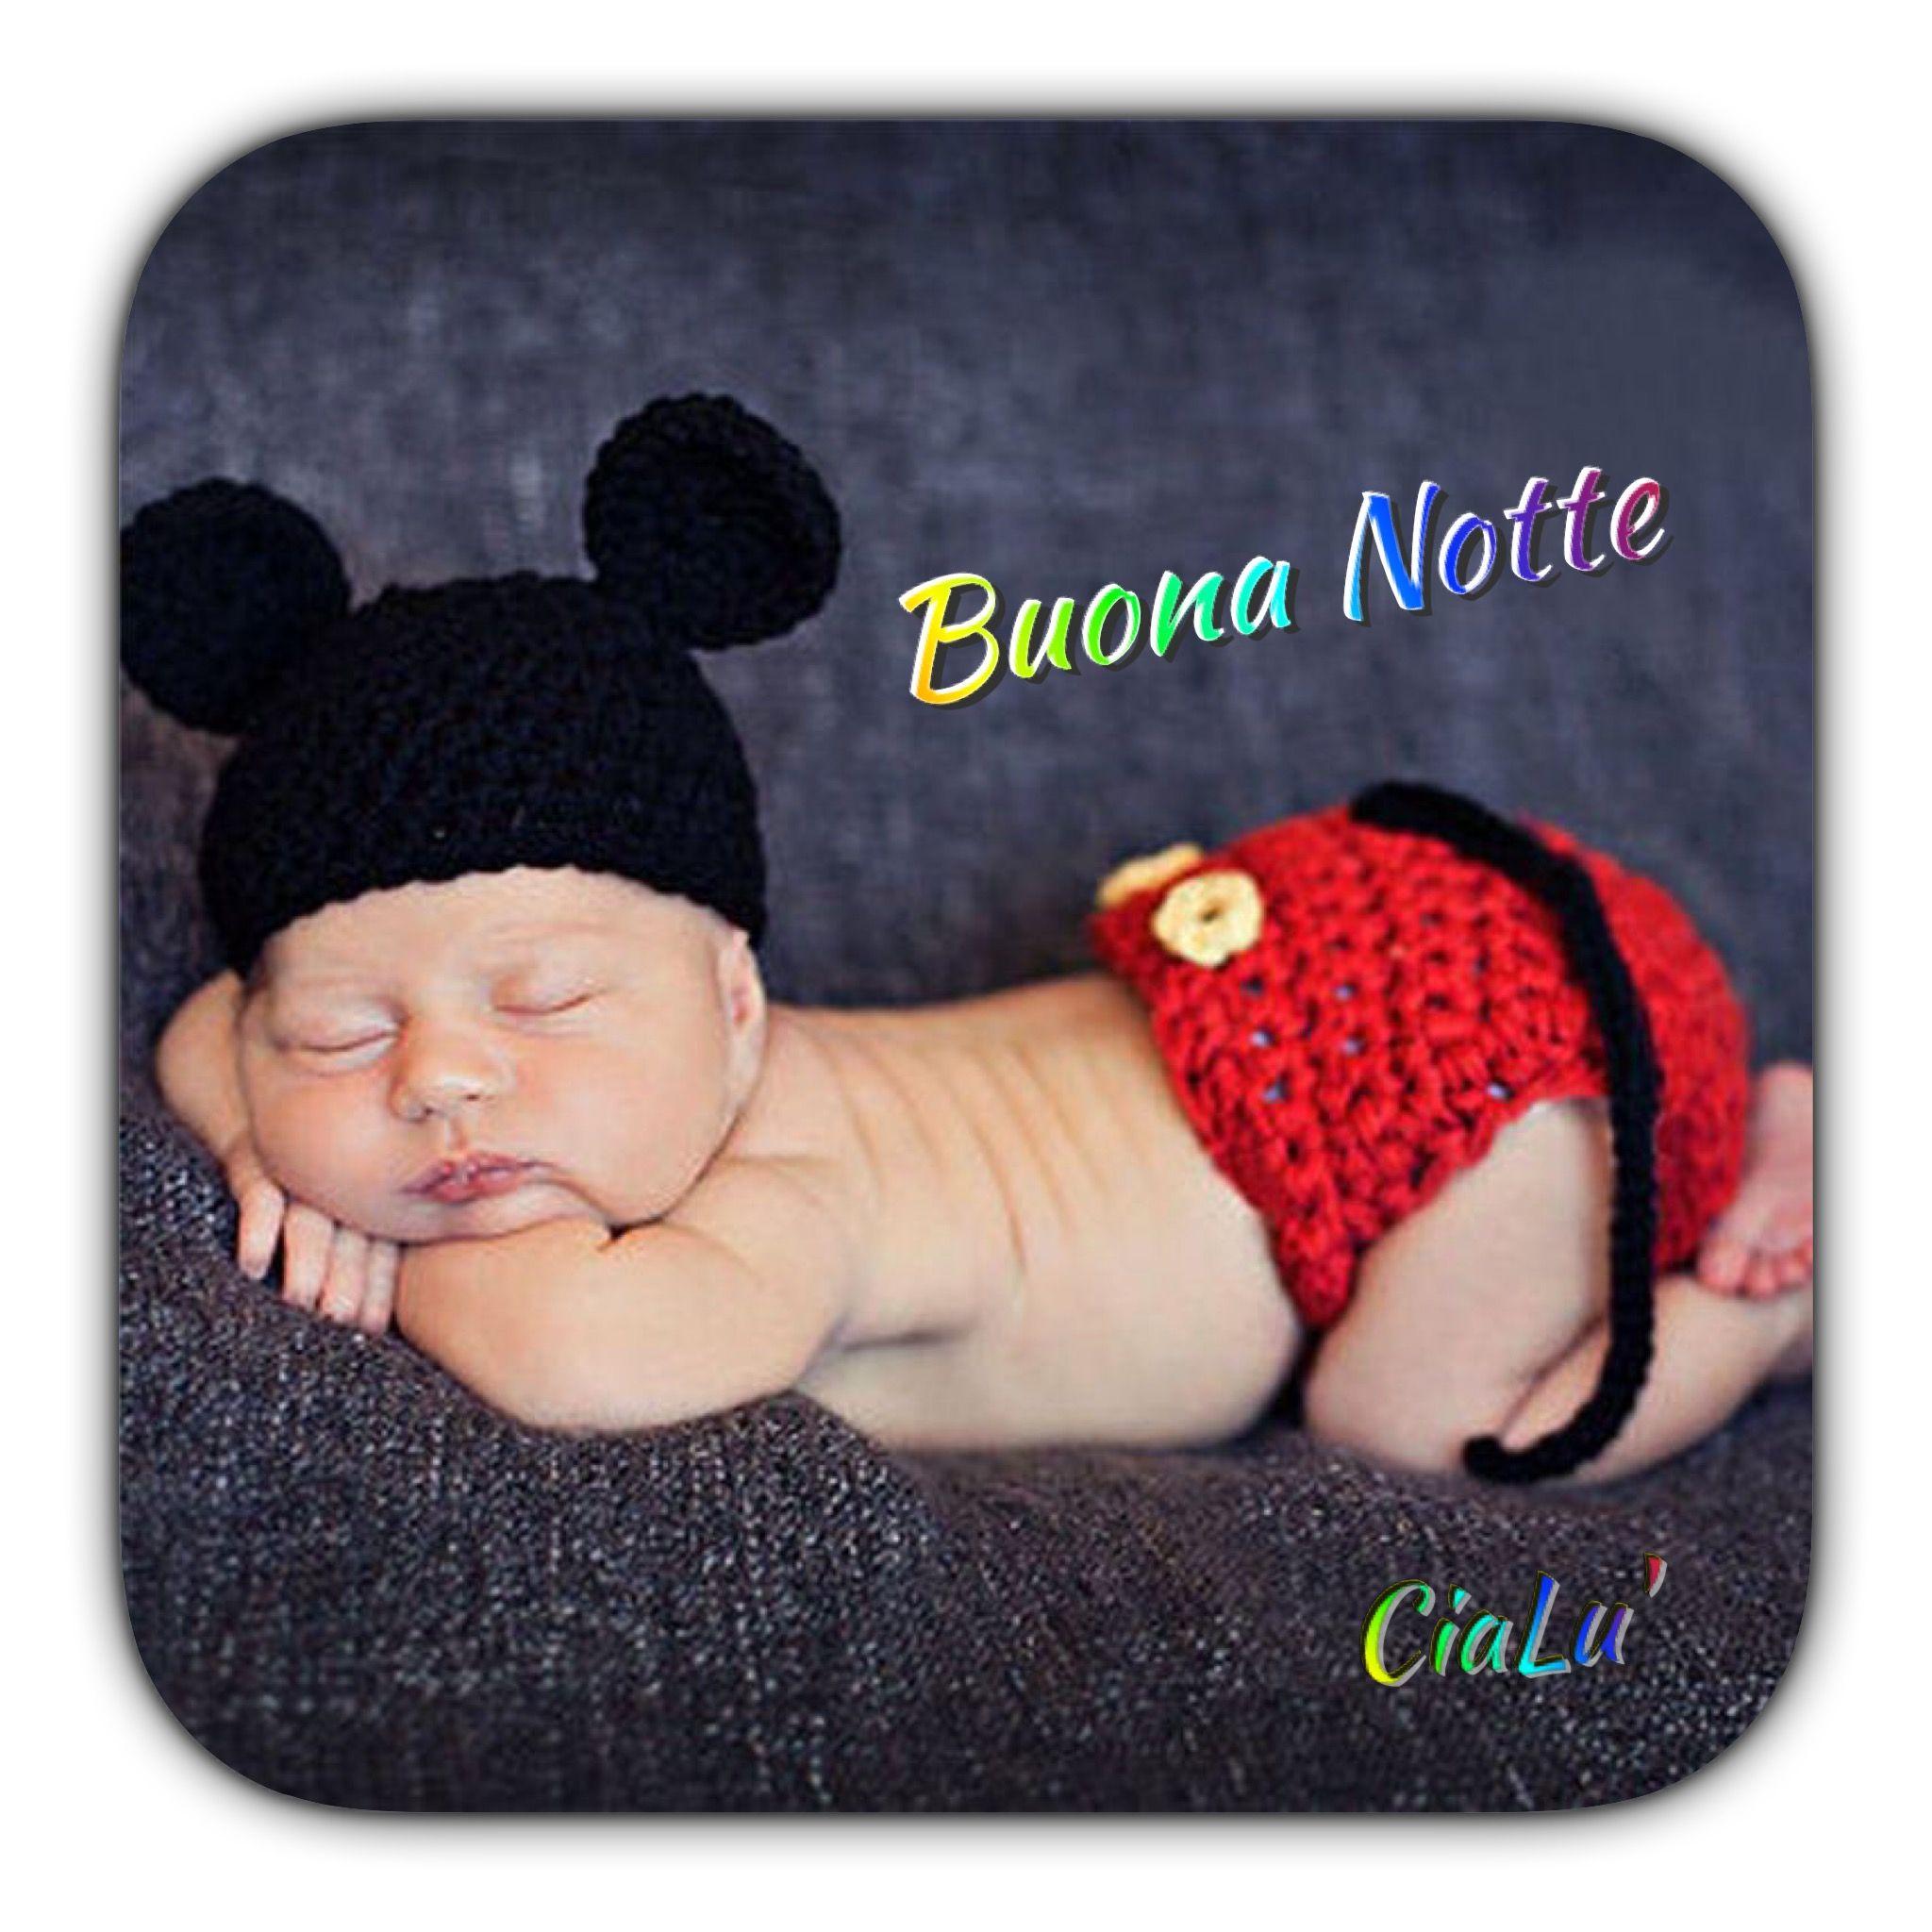 Buona Notte | BUONA NOTTE Buongiorno | Pinterest